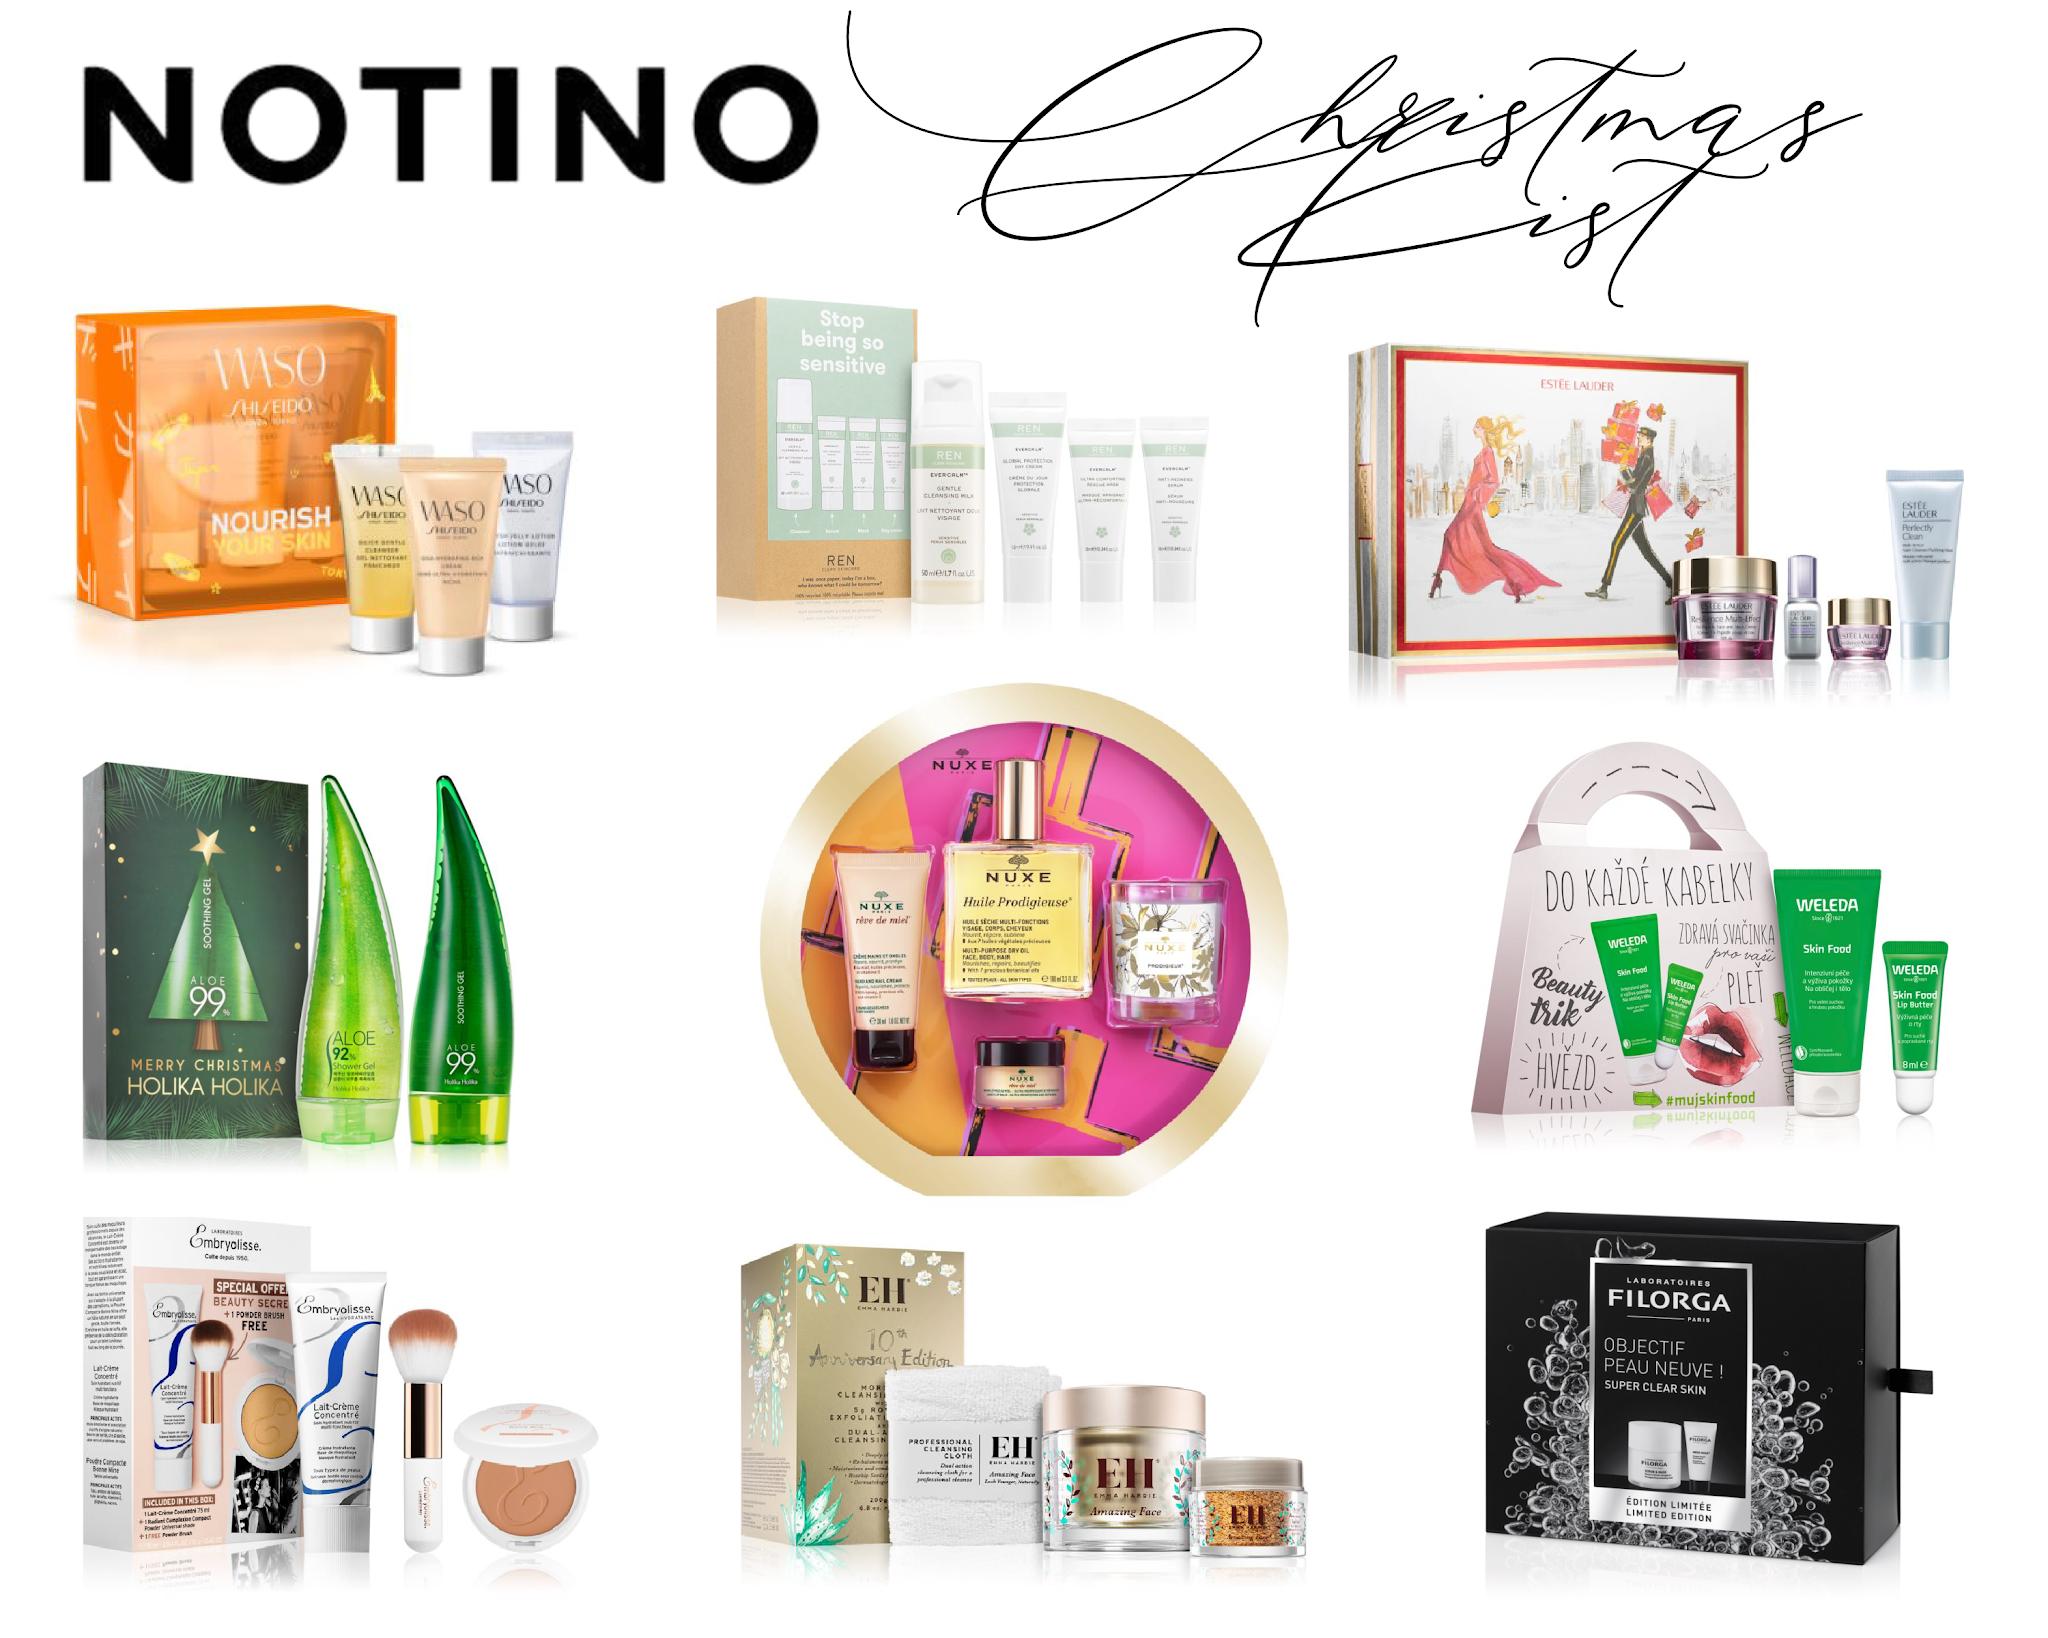 идеи за коледни подаръци Notino